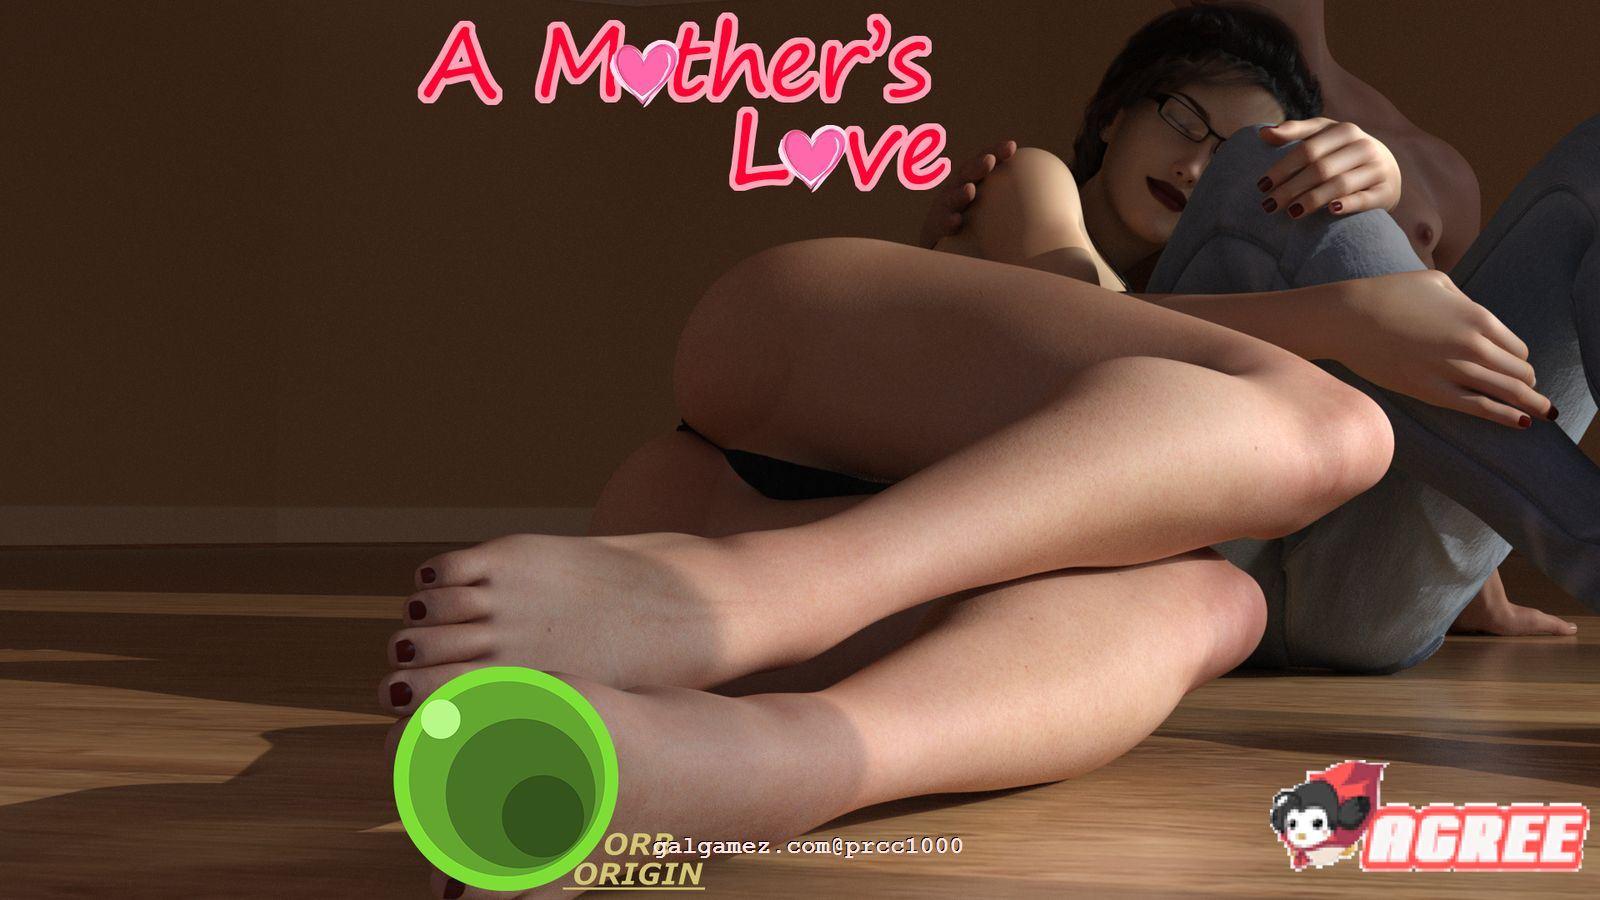 【大型SLG/汉化/双版本】母亲的爱 全九章 完整汉化版[PC+安卓+存档]【4G】【大更新】